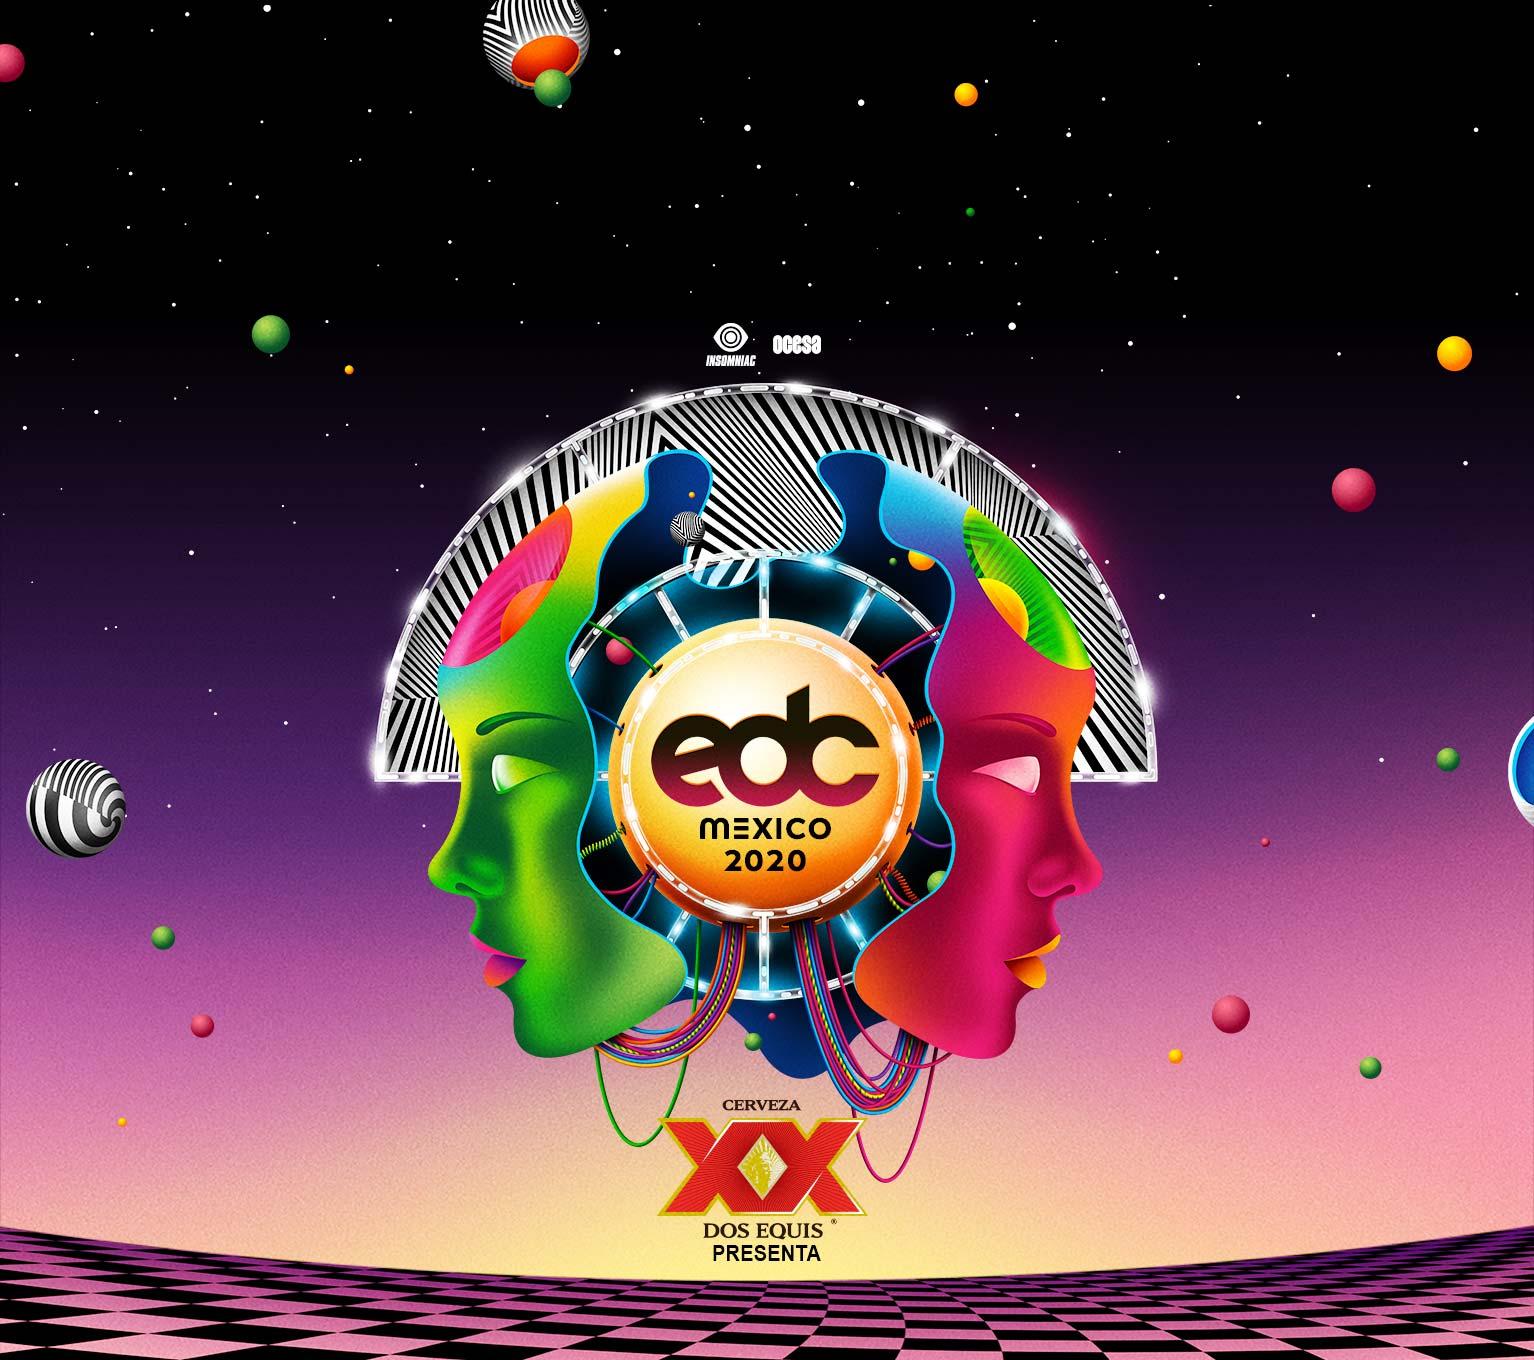 EDC México 2020, impresionante